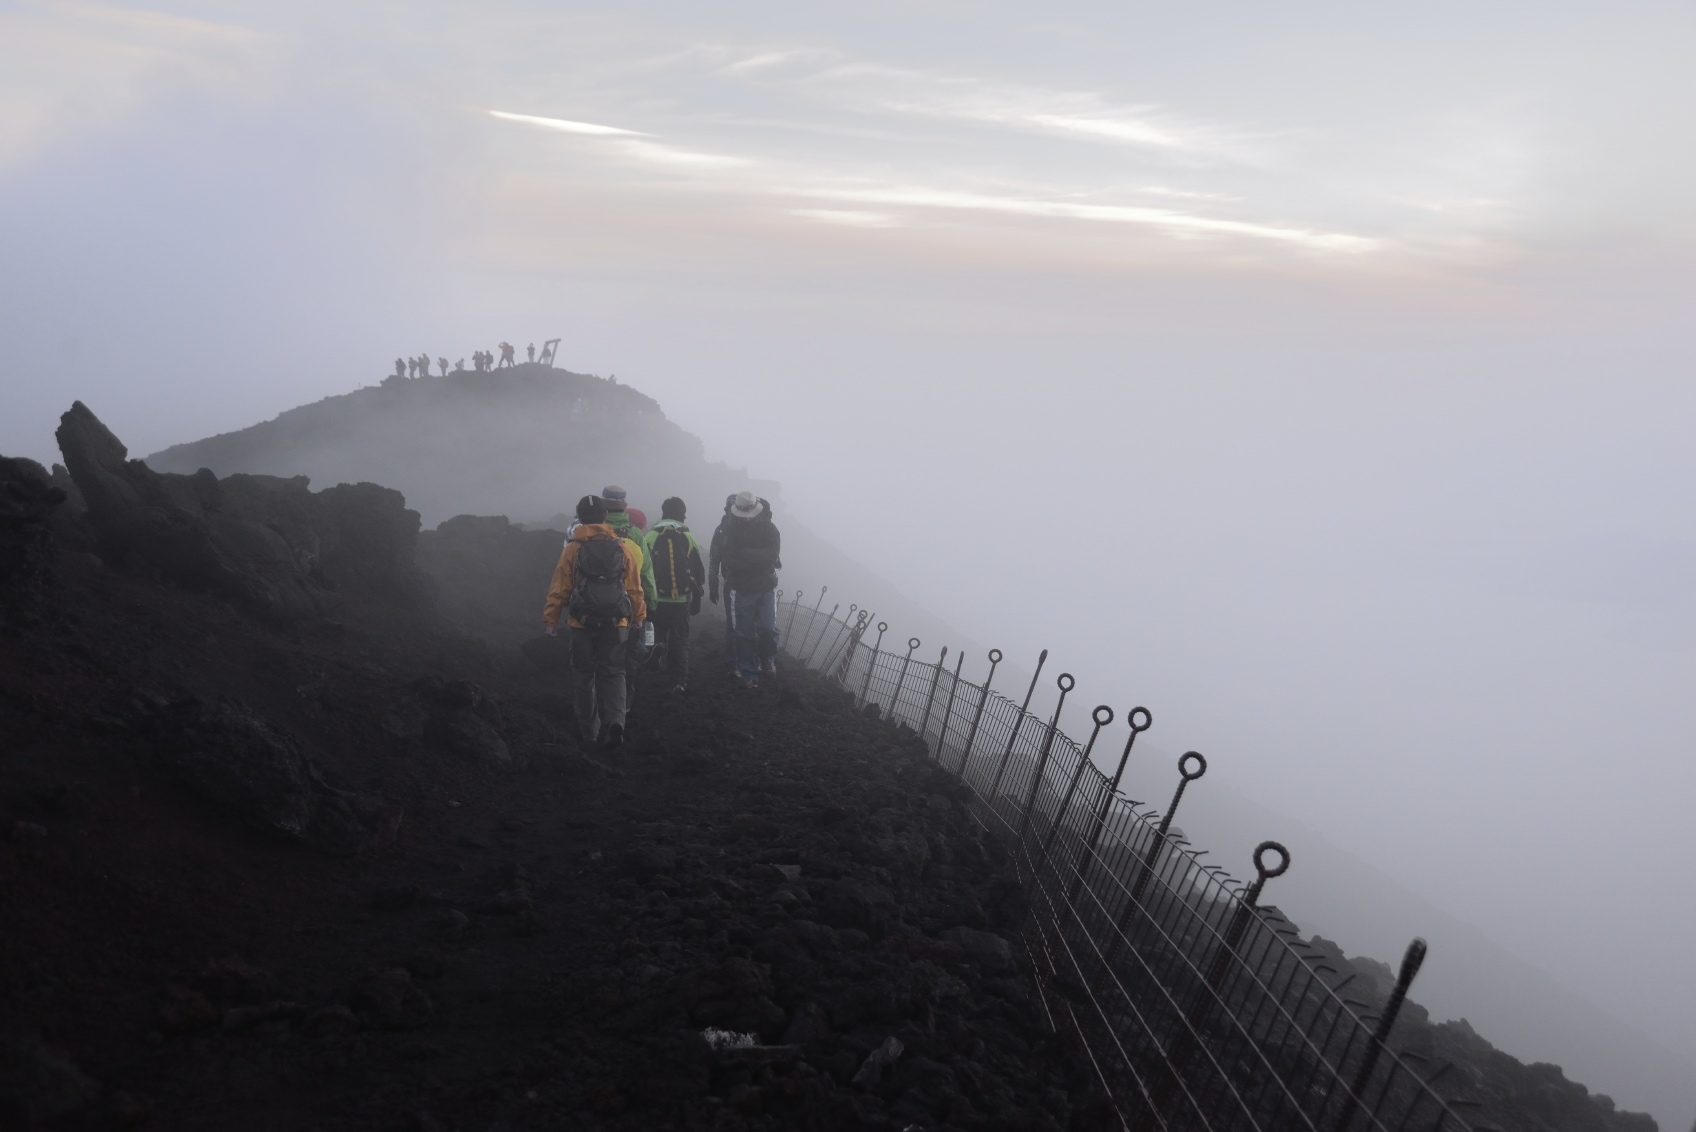 Mount-Fuji-Climbing-Season